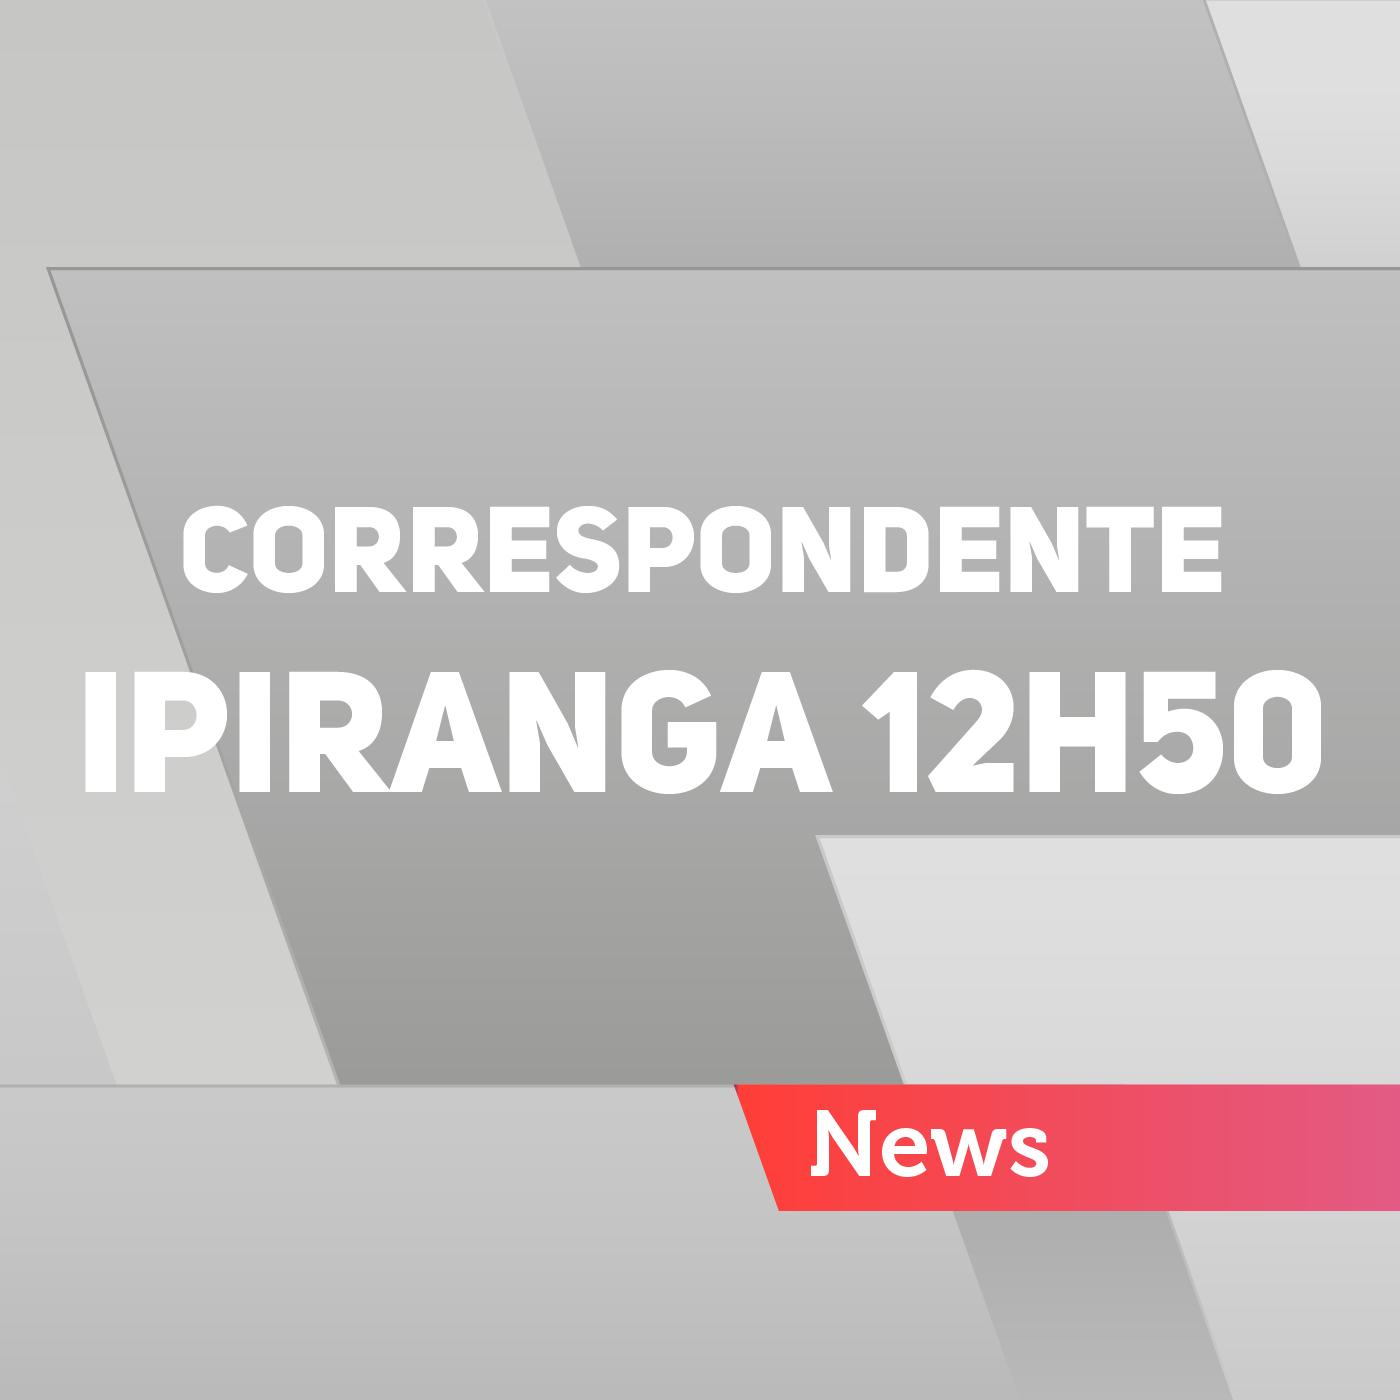 Correspondente Ipiranga 12h50 - 27/04/2017